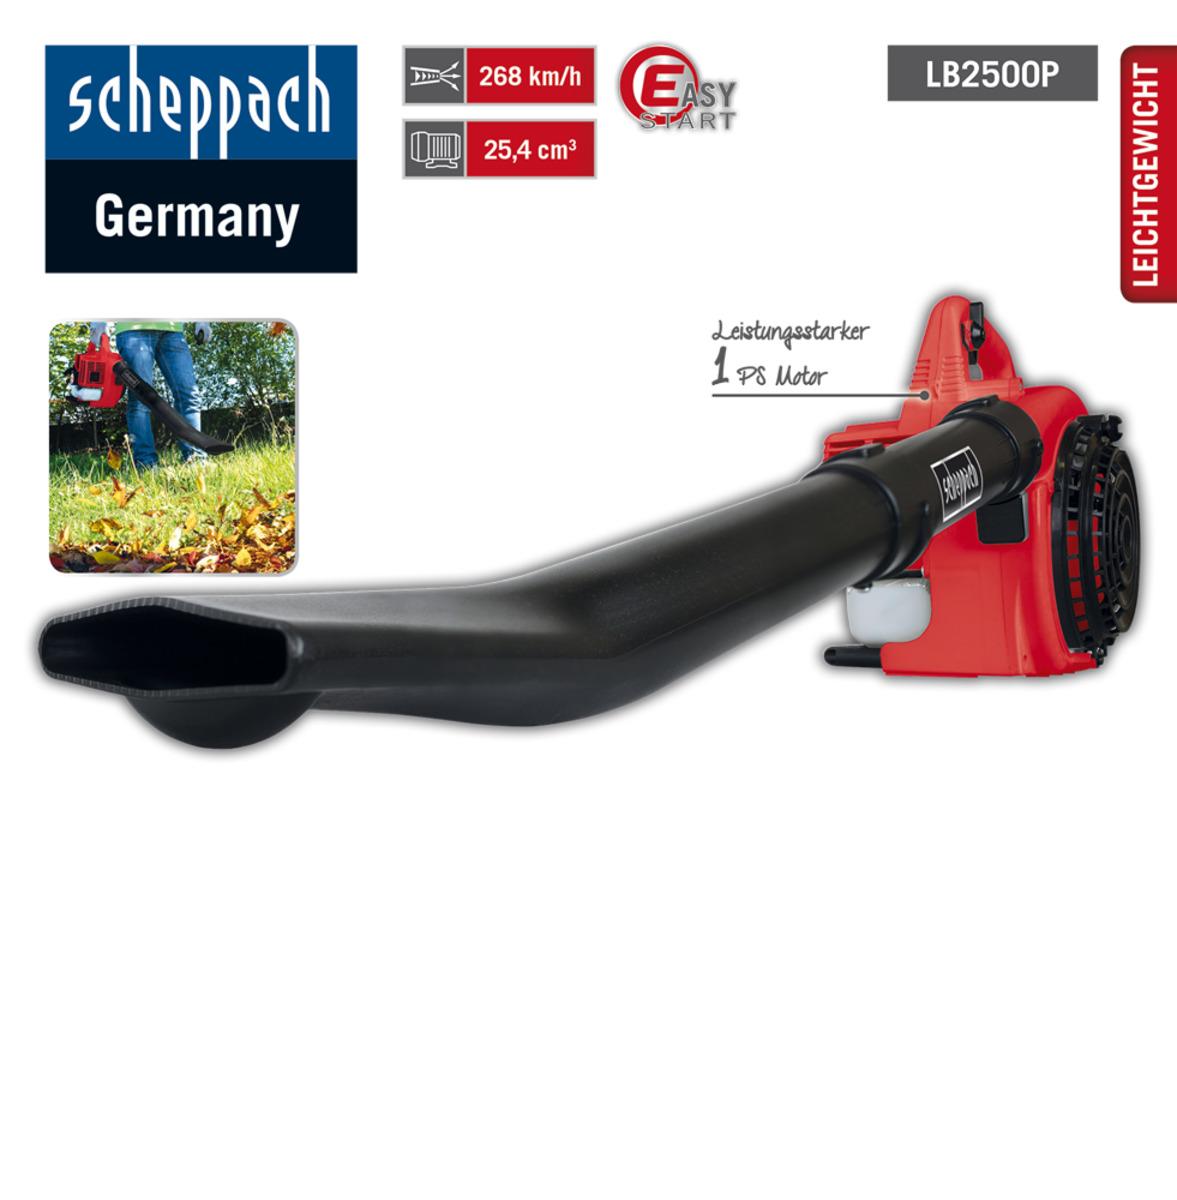 Bild 2 von Scheppach Benzin-Laubbläser LB2500P